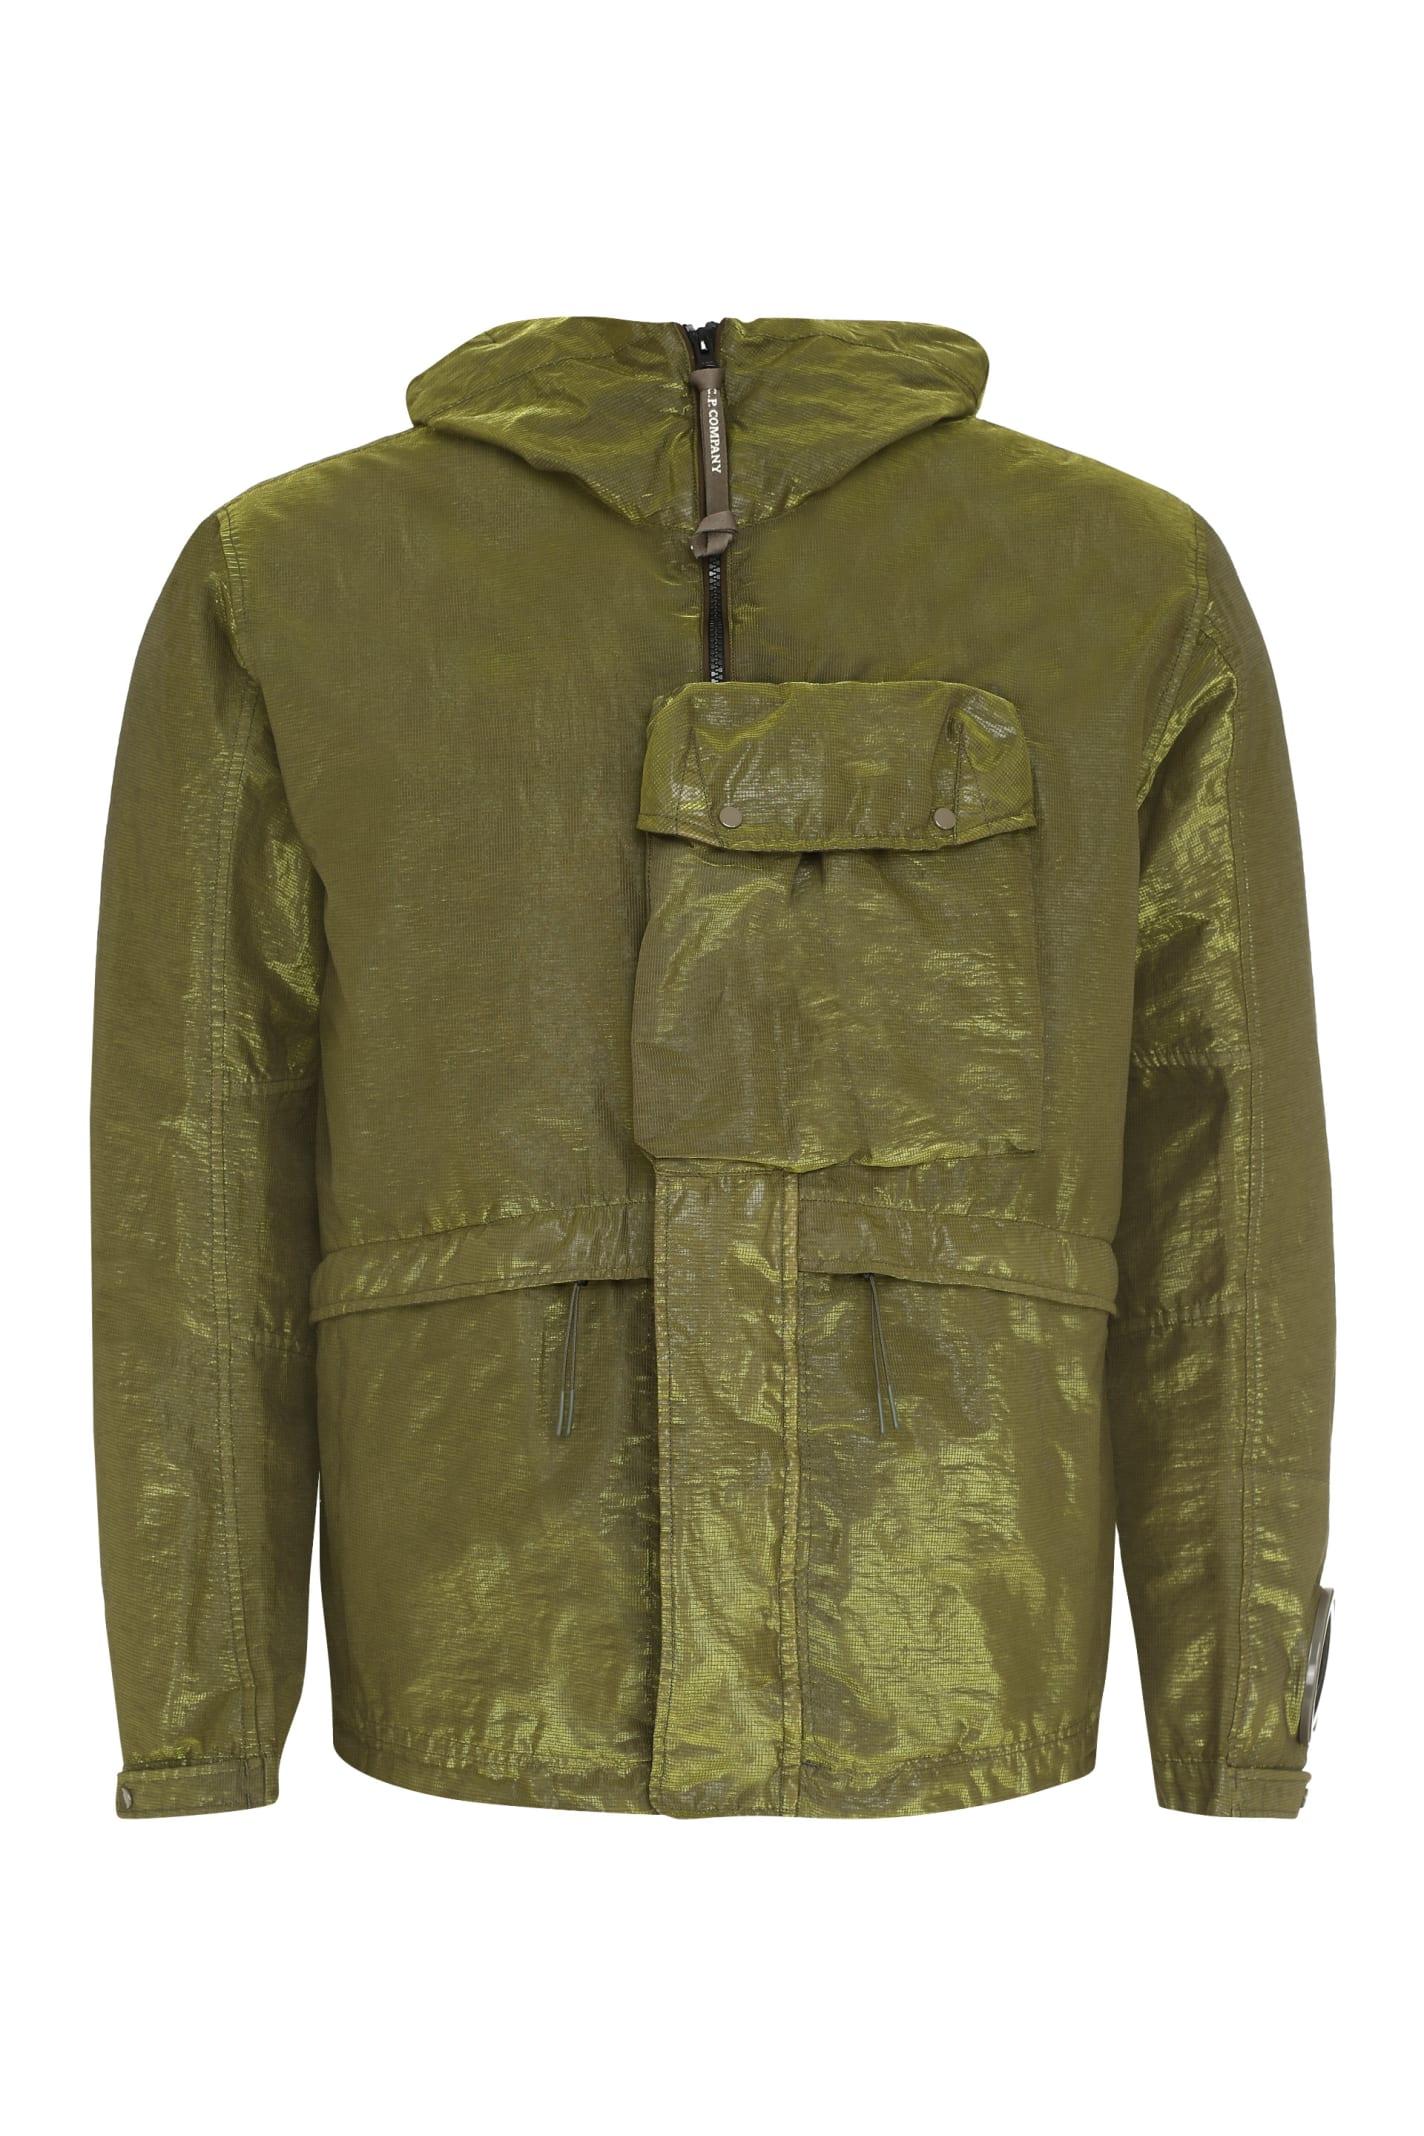 C.P. Company Mille Miglia Techno Fabric Jacket